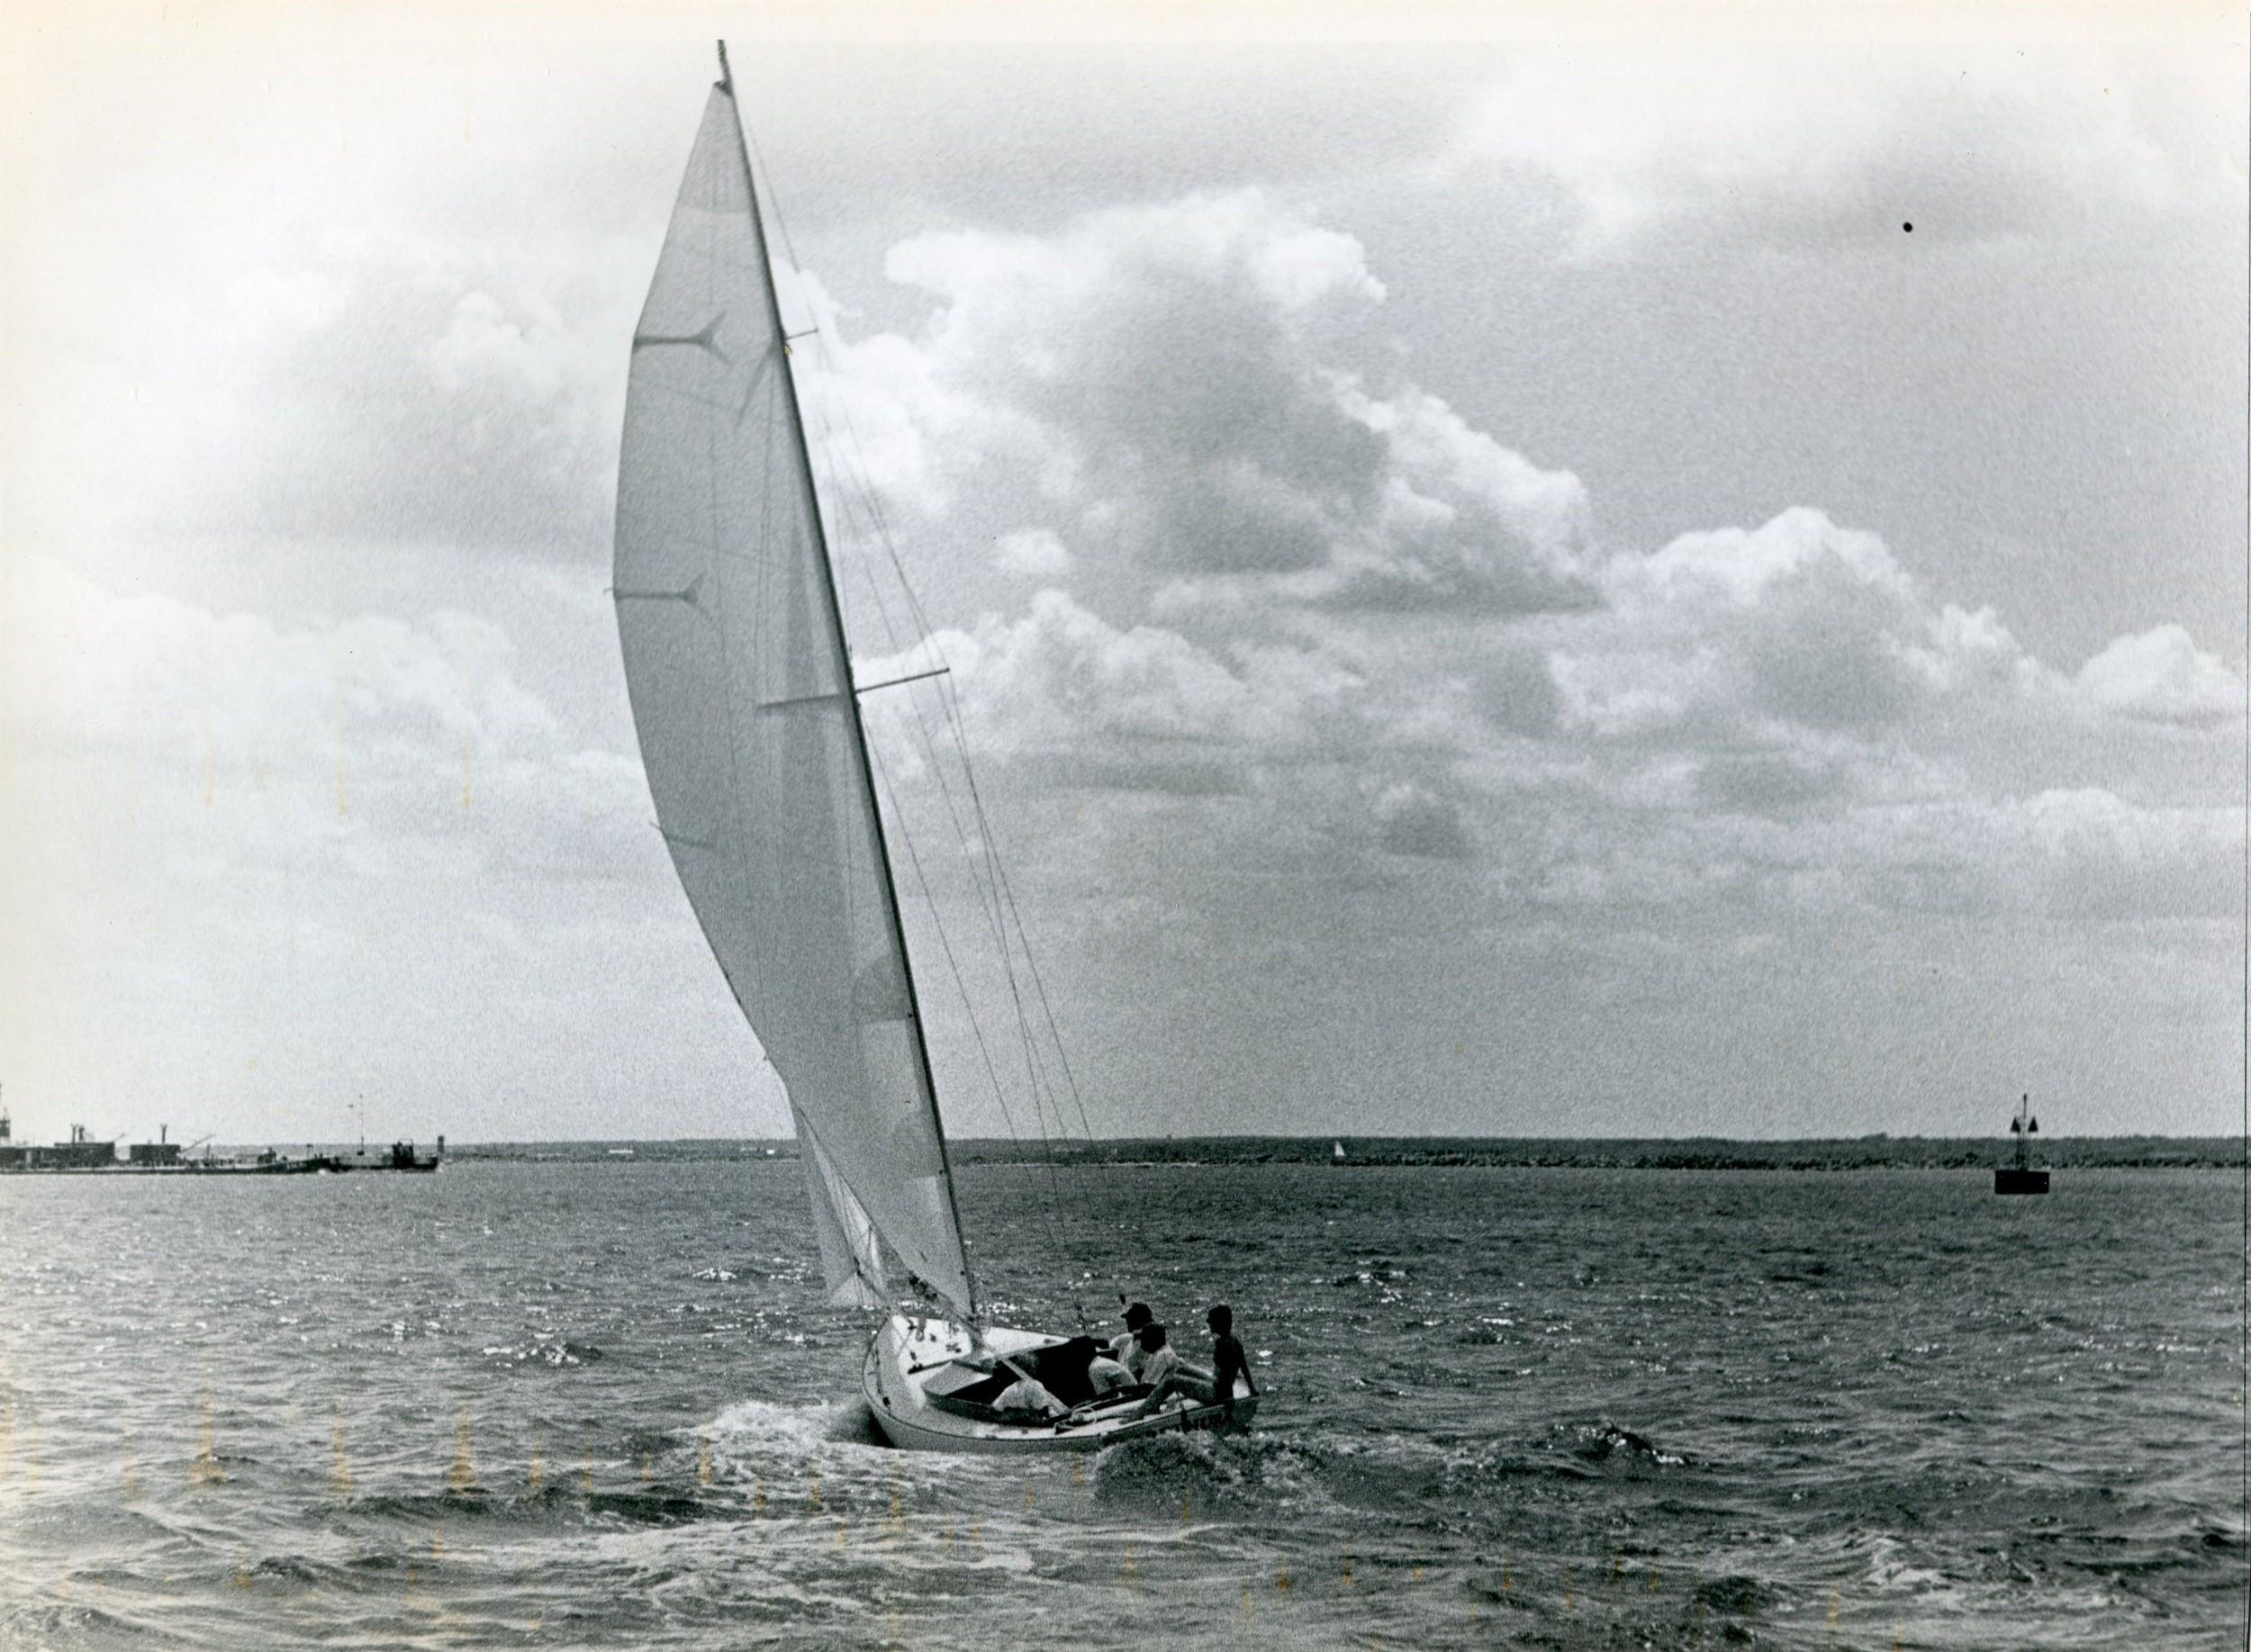 Arethusa - N.Herreshoff 34'